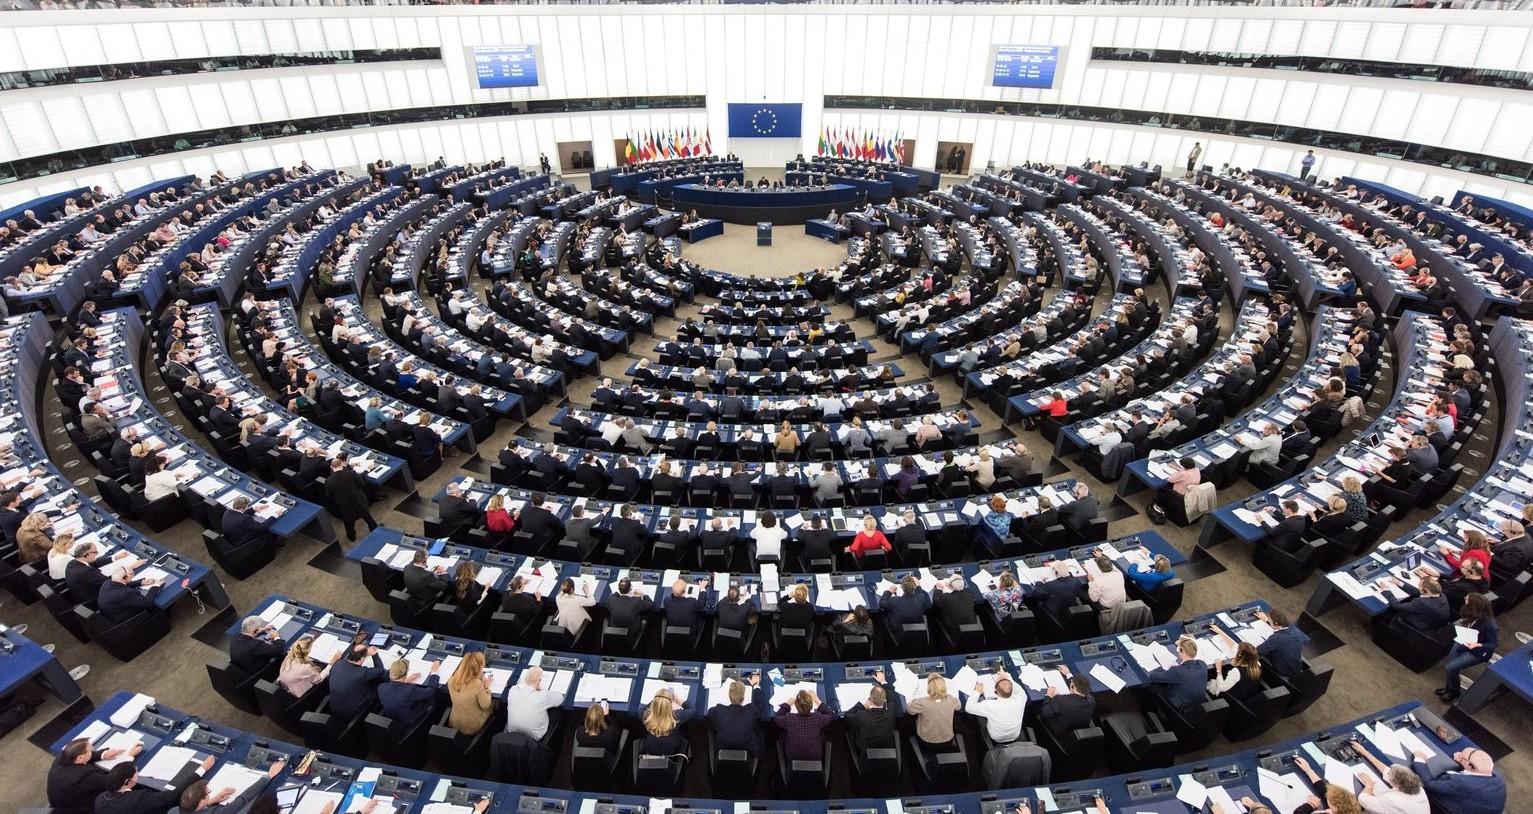 Szavaznak a képviselők az Európai Parlament strasbourgi üléstermében -  képünk illusztráció (Fotó: MTI/EPA/Patrick Seeger)